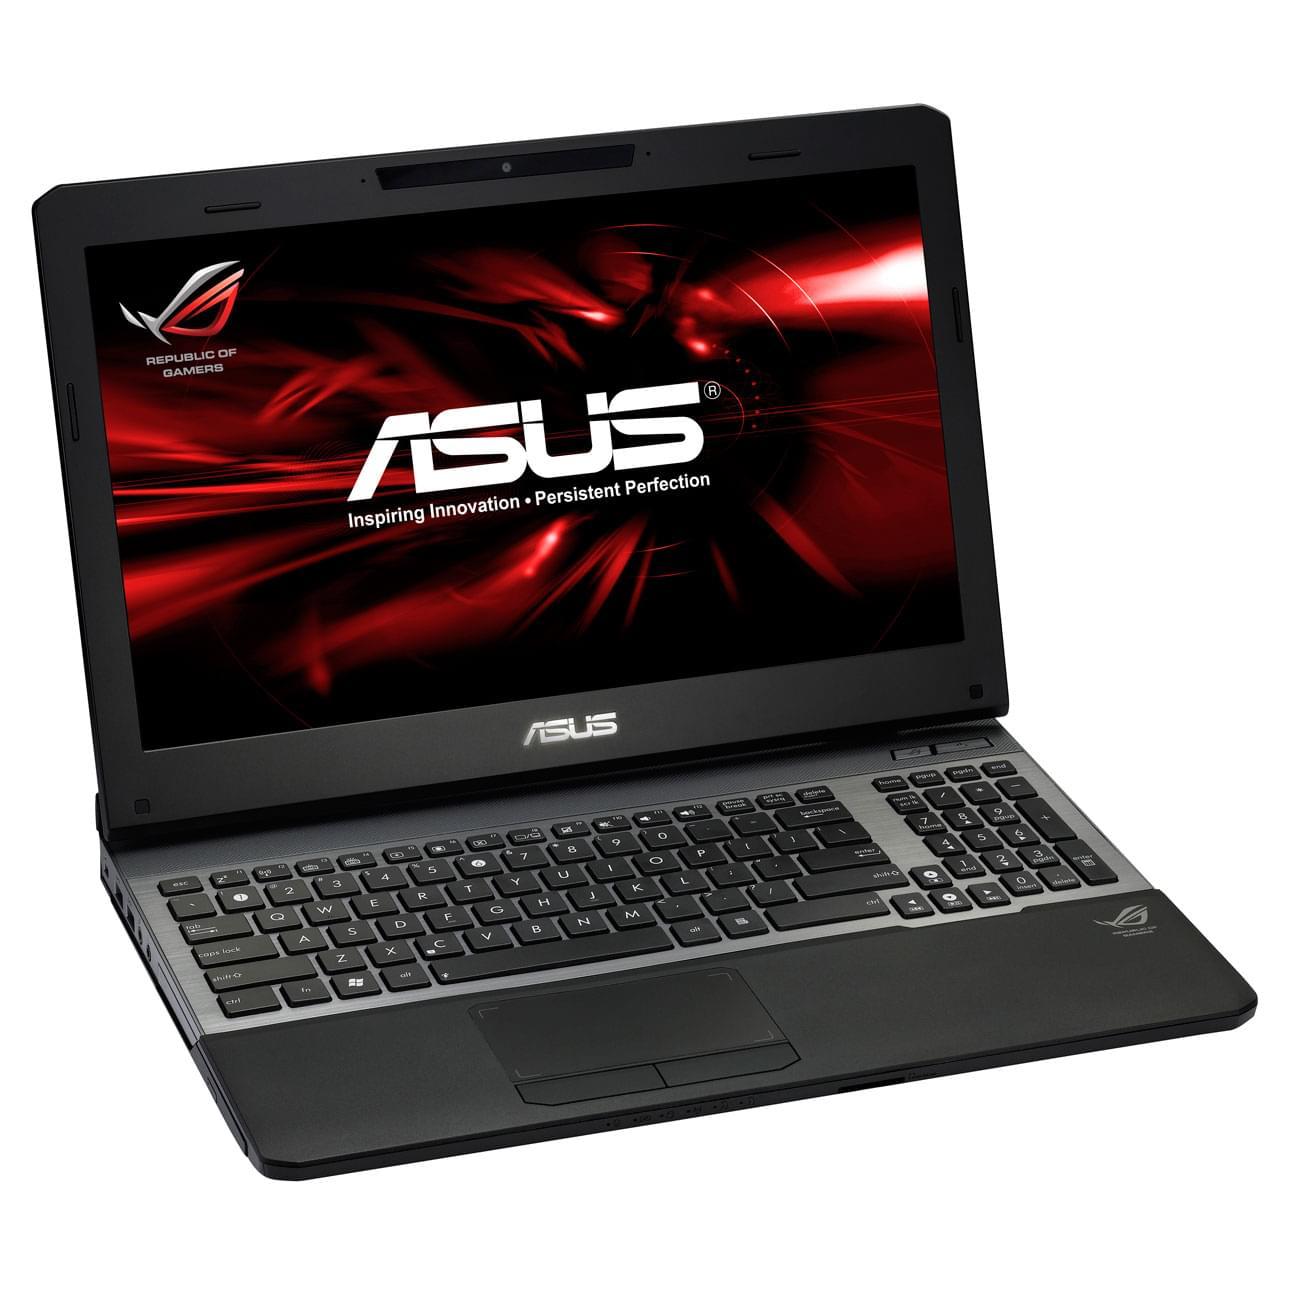 Asus G55VW-S1129V - PC portable Asus - Cybertek.fr - 0